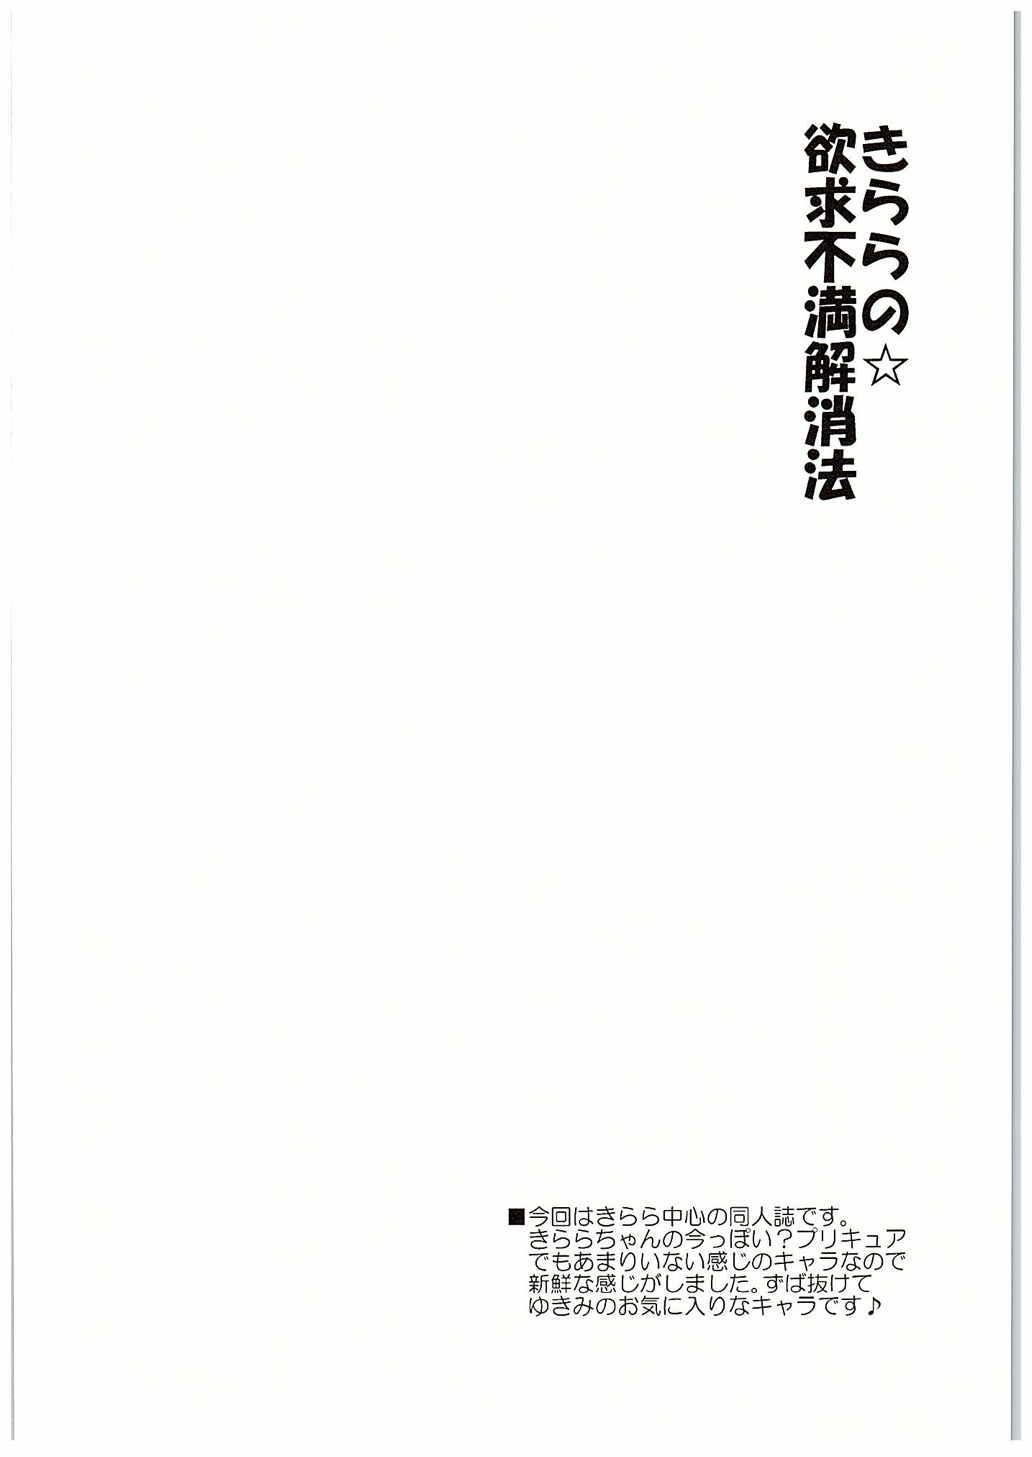 Kirara no Yokkyuu Fuman Kaishouhou 2